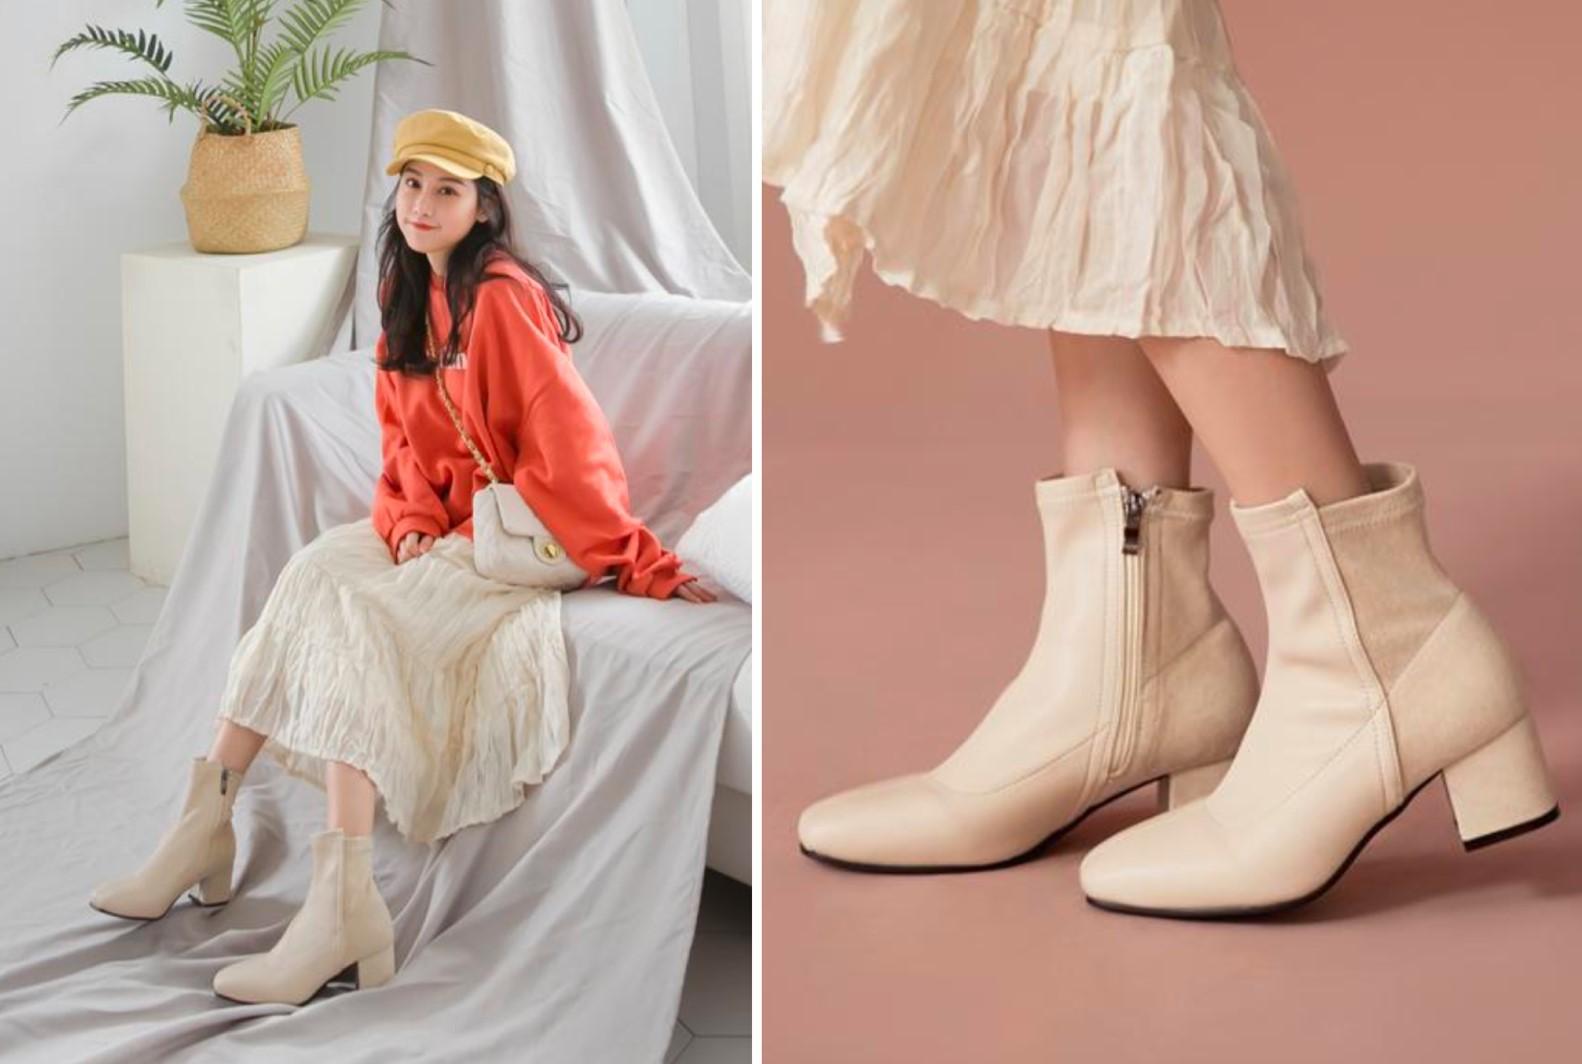 杏粉色襪靴,緊貼小腿,修飾腿型,秒變長腿妹